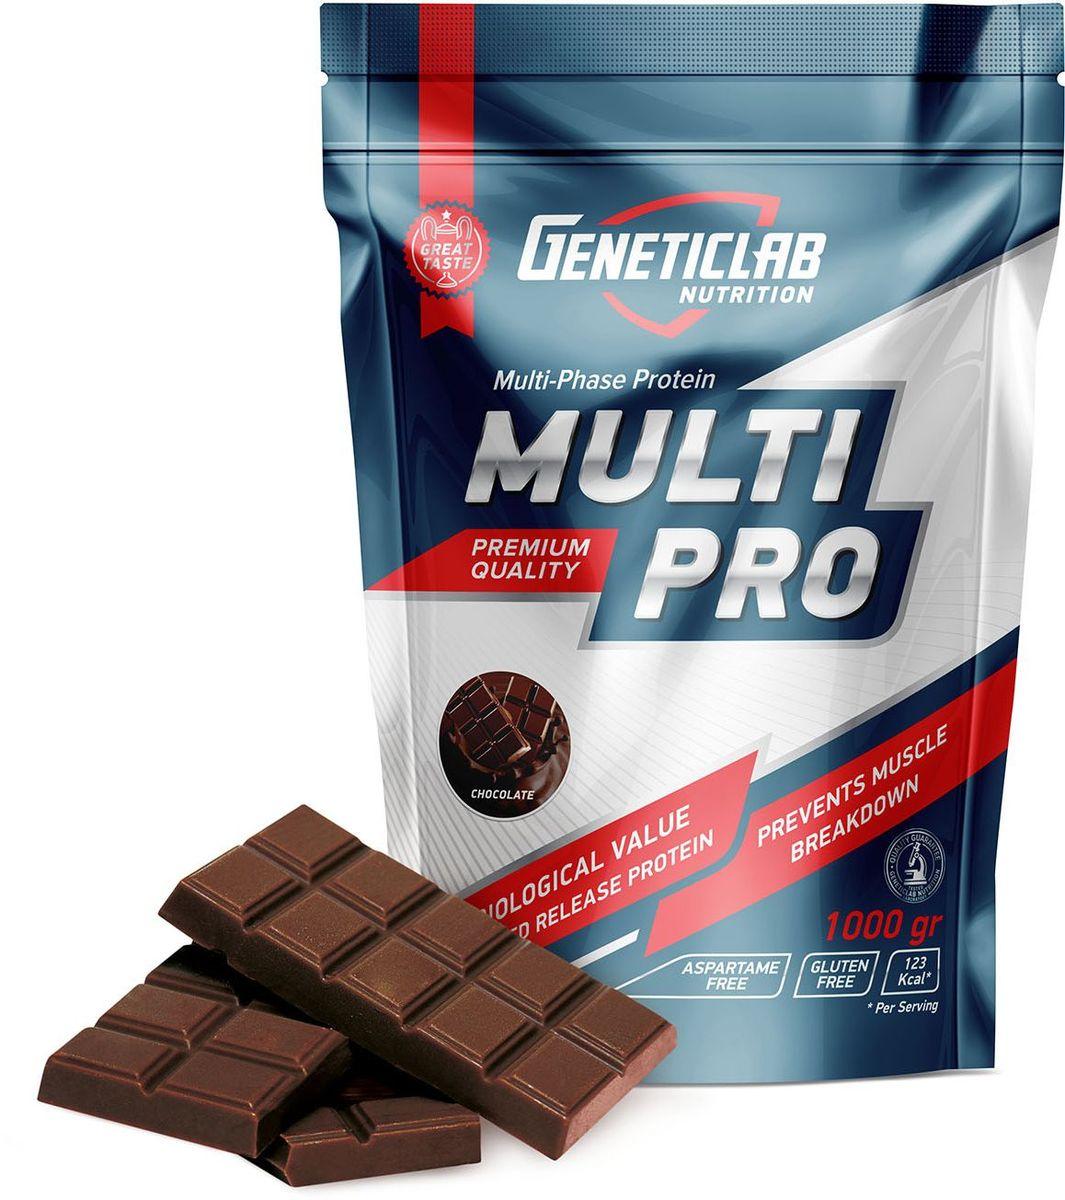 Протеин Geneticlab Multi Pro, шоколад, 1 кг4156634Протеин Geneticlab Multi Pro защищает организм от катаболизма, дает чувство насыщения, улучшает восстановление, обмен веществ и положительно сказывается на всех системах организма. Multi Pro объединяет в себе несколько видов протеина на основе растительных и животных белков (казеин, яичный белок, сывороточный белок). Благодаря такому сочетанию, вы получите спортивное питание с максимальной концентрацией аминокислот (в том числе L-лейцин, L-изолейцин, L-валин), которое обеспечивают мышцы необходимыми полезными веществами длительный период времени. Как повысить эффективность тренировок с помощью спортивного питания? Статья OZON Гид